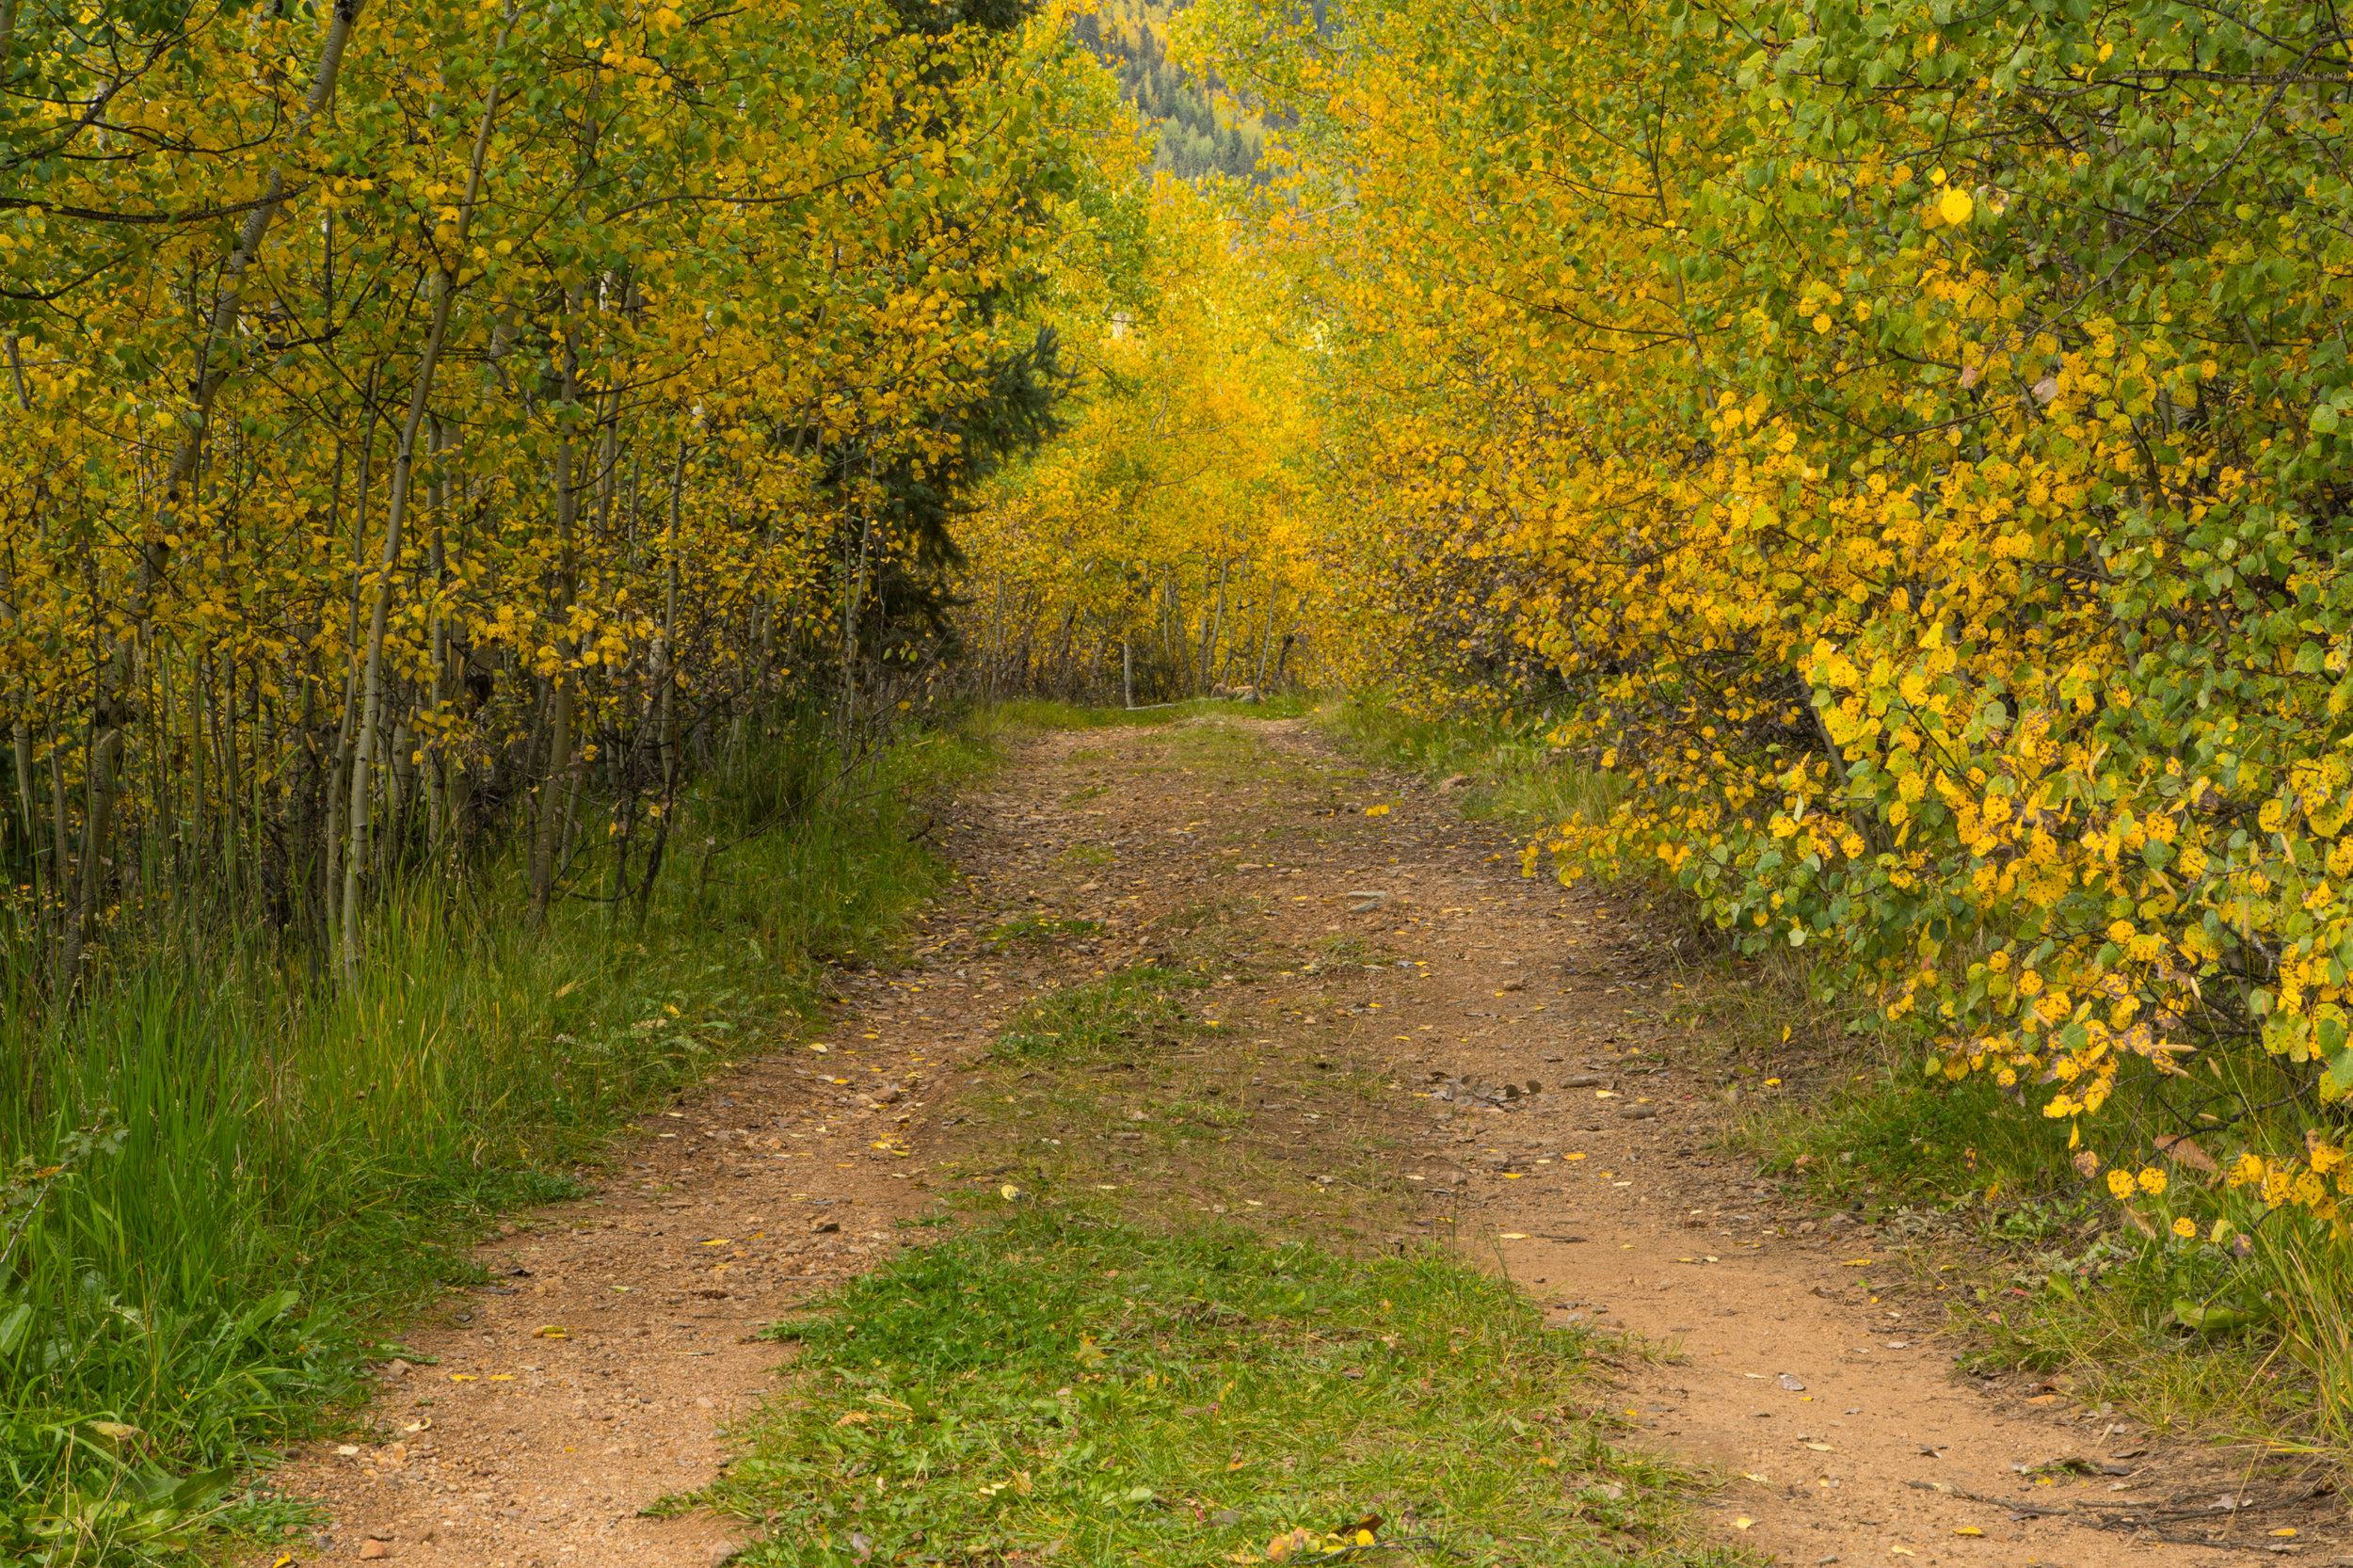 Silverton, Colorado, Image # 9513